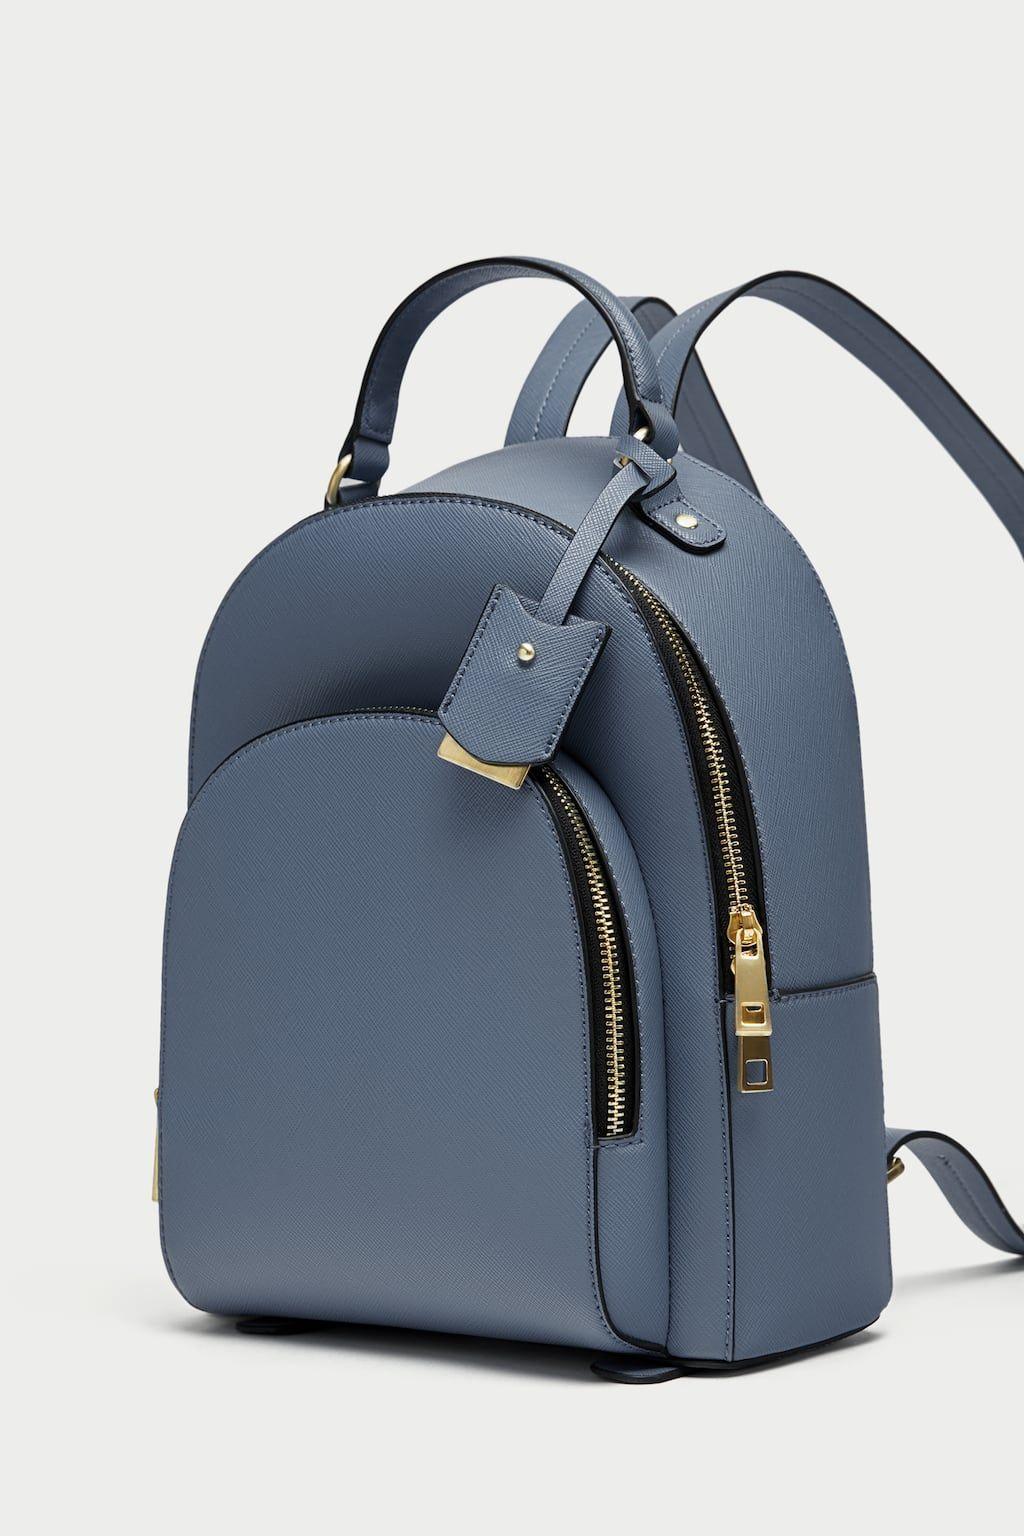 Image 4 Of Backpack With Zippers From Zara Madchen Taschen Rucksack Damen Designer Taschen